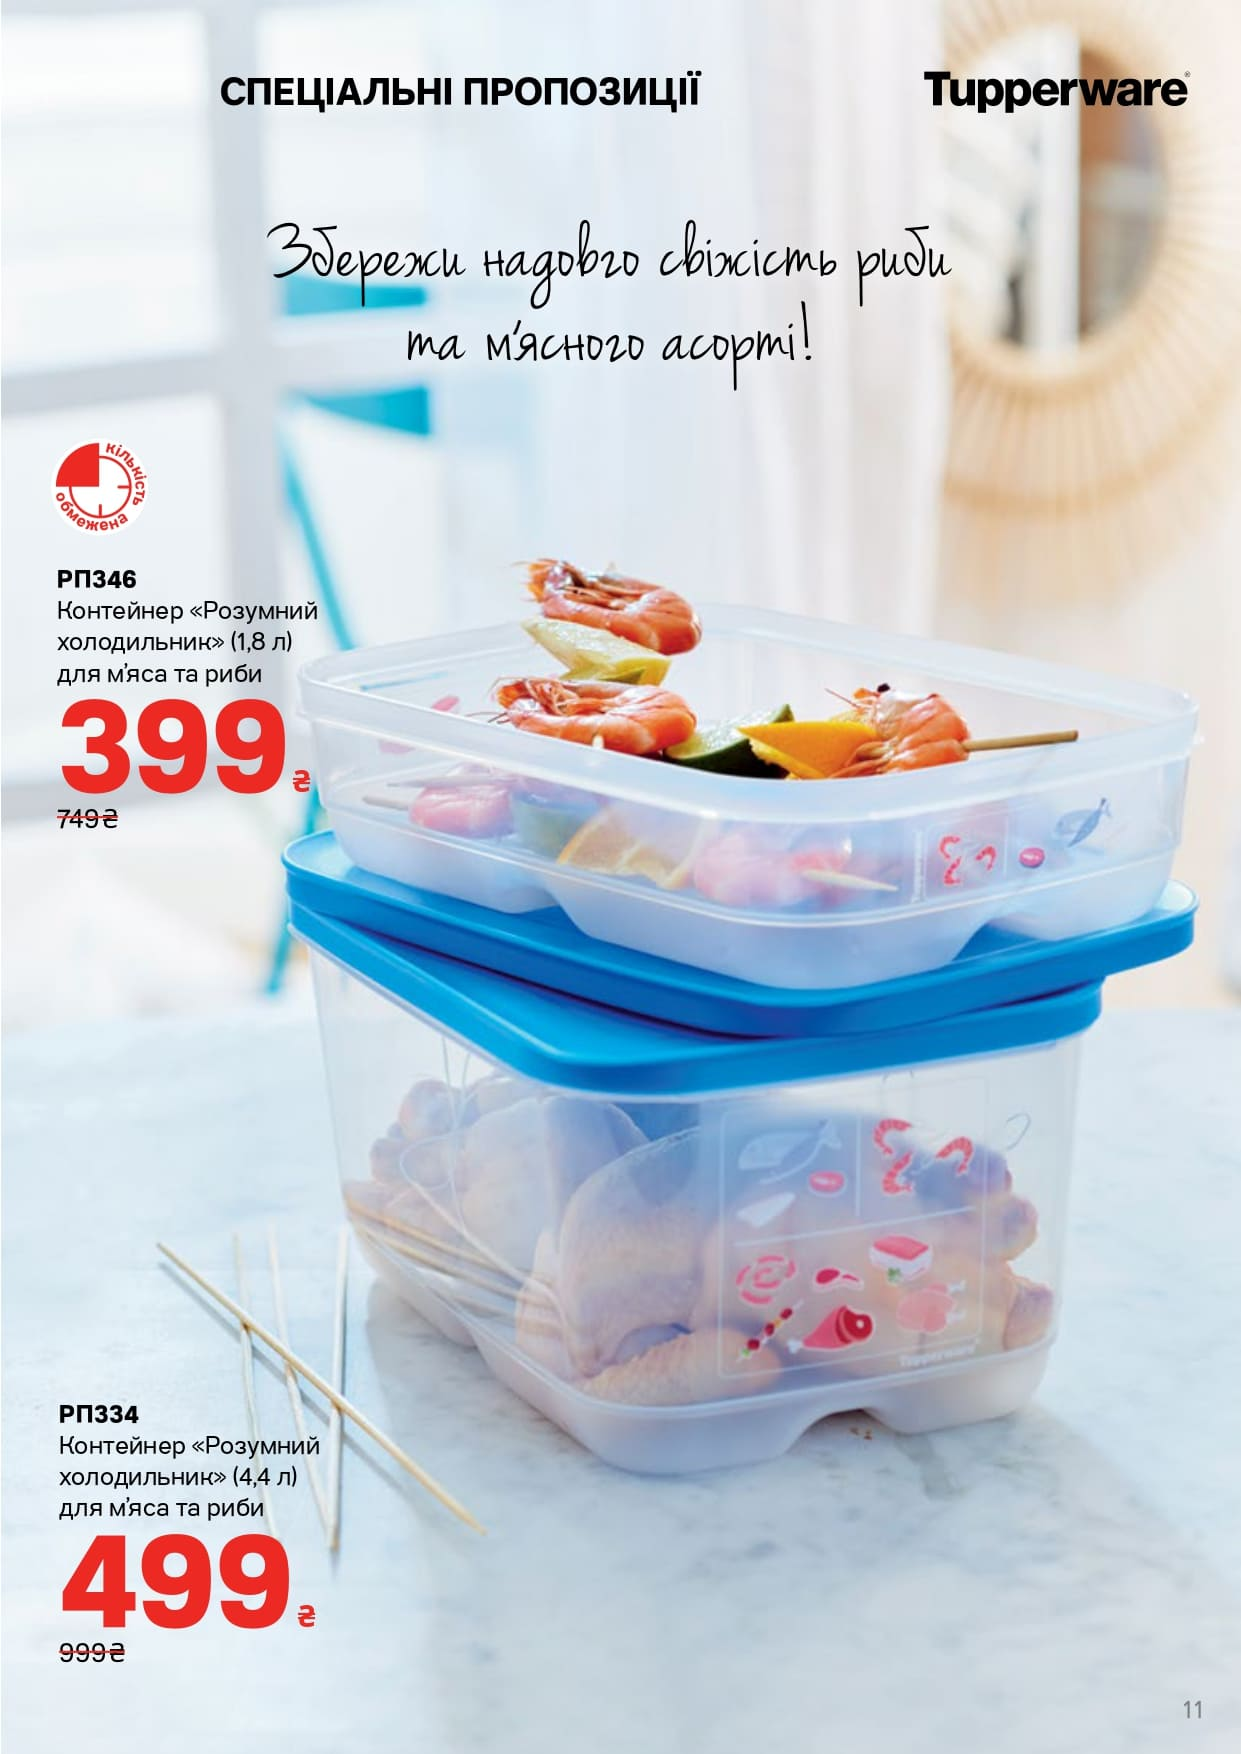 Умные контейнеры для мяса и рыбы, скидка до 50%.